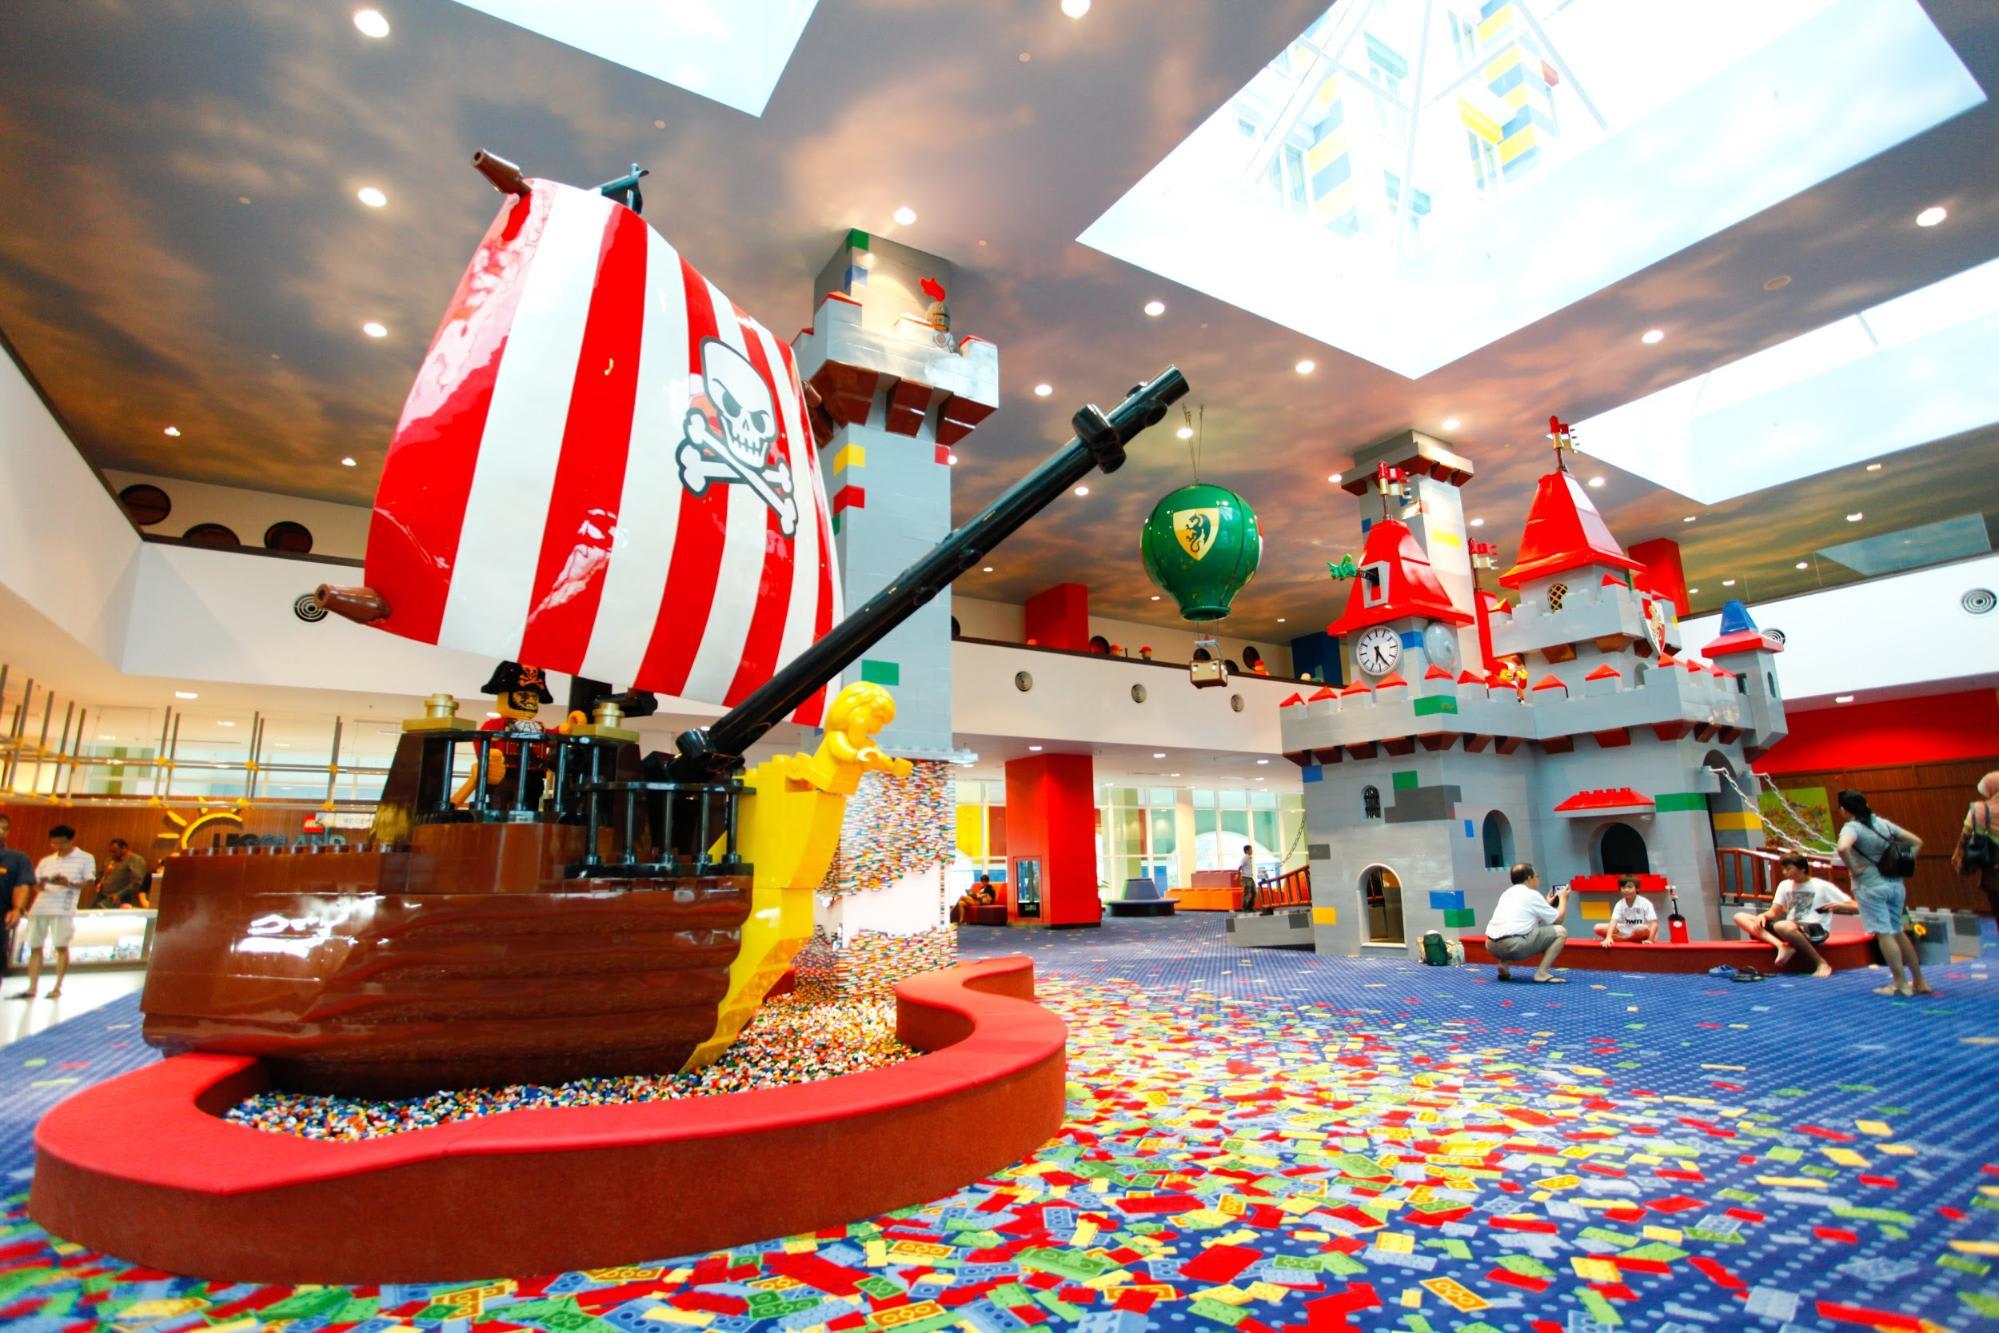 Legoland Hotel Lobby